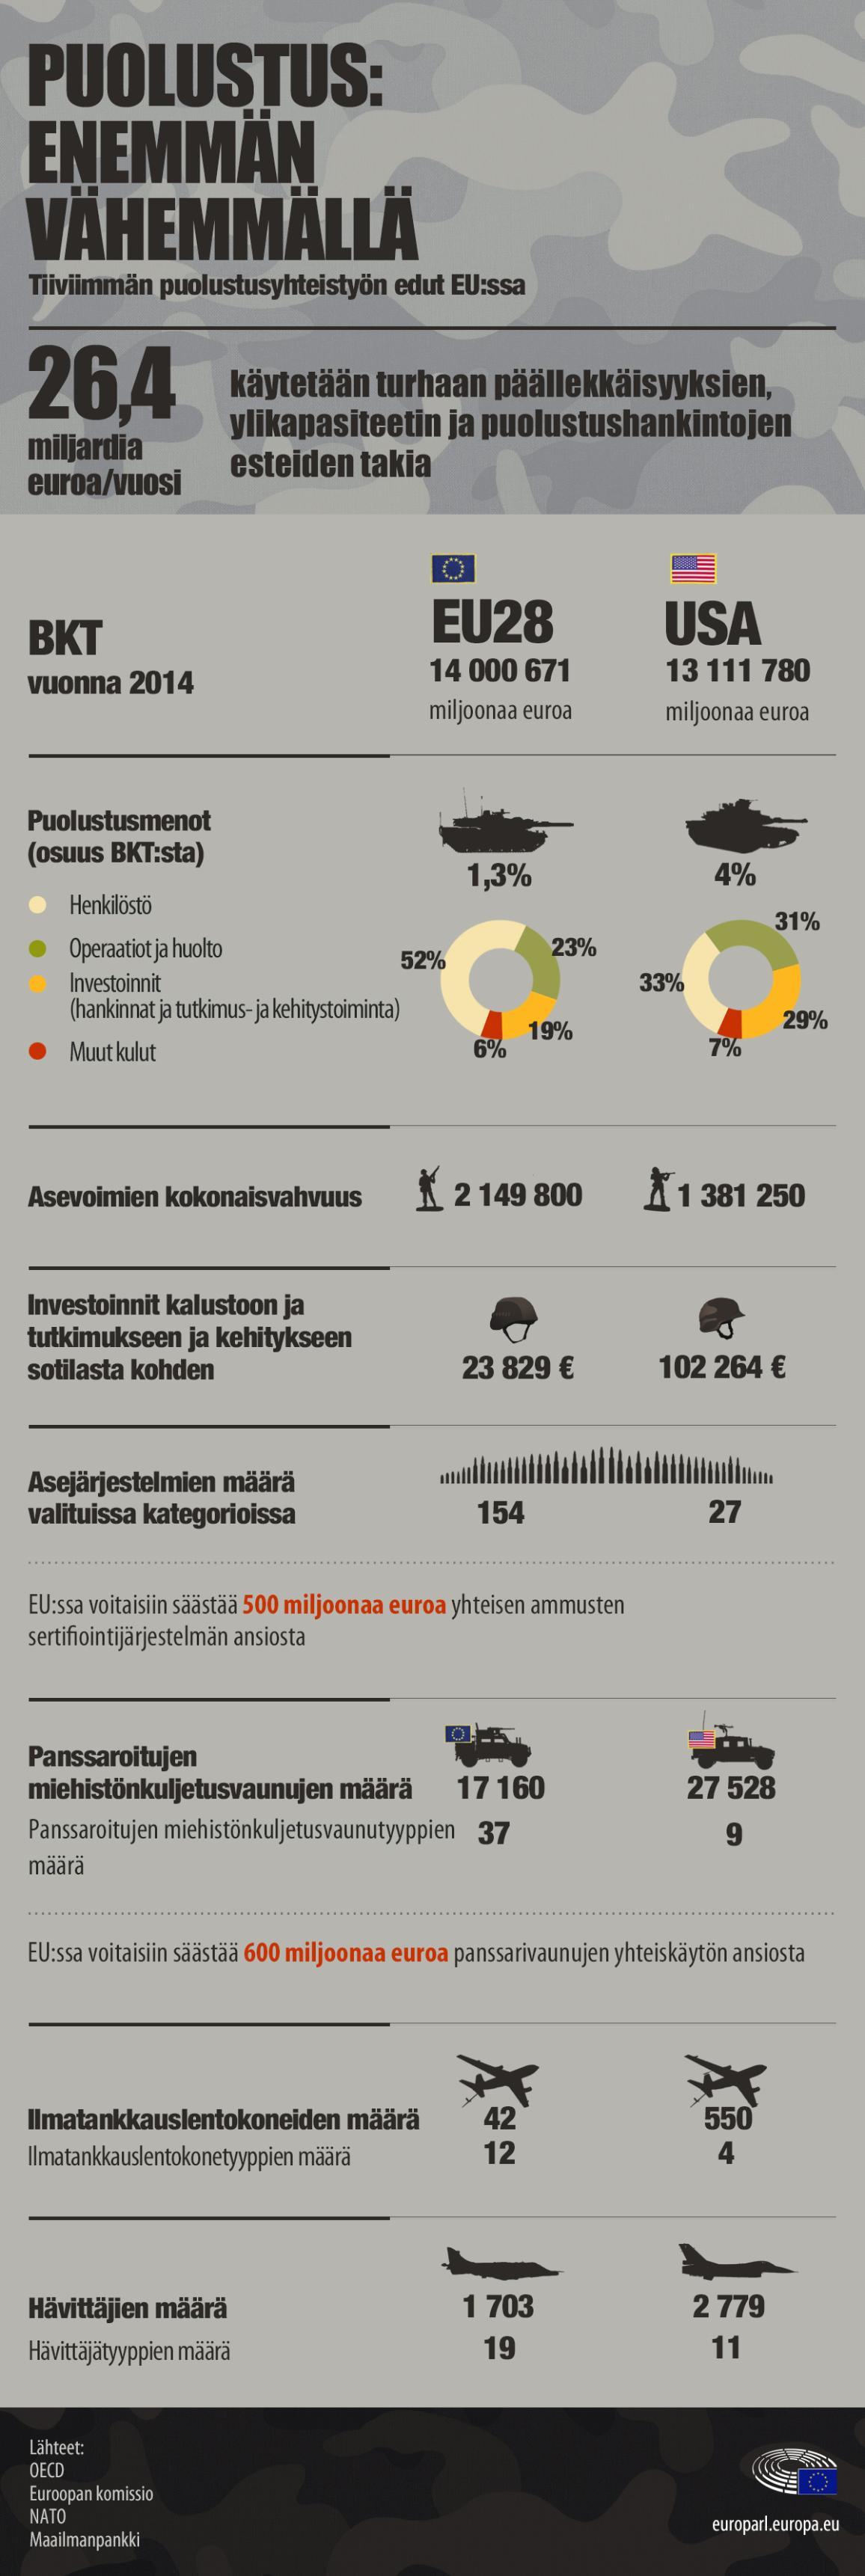 Infografiikka puolustusyhteistyön eduista EU:ssa